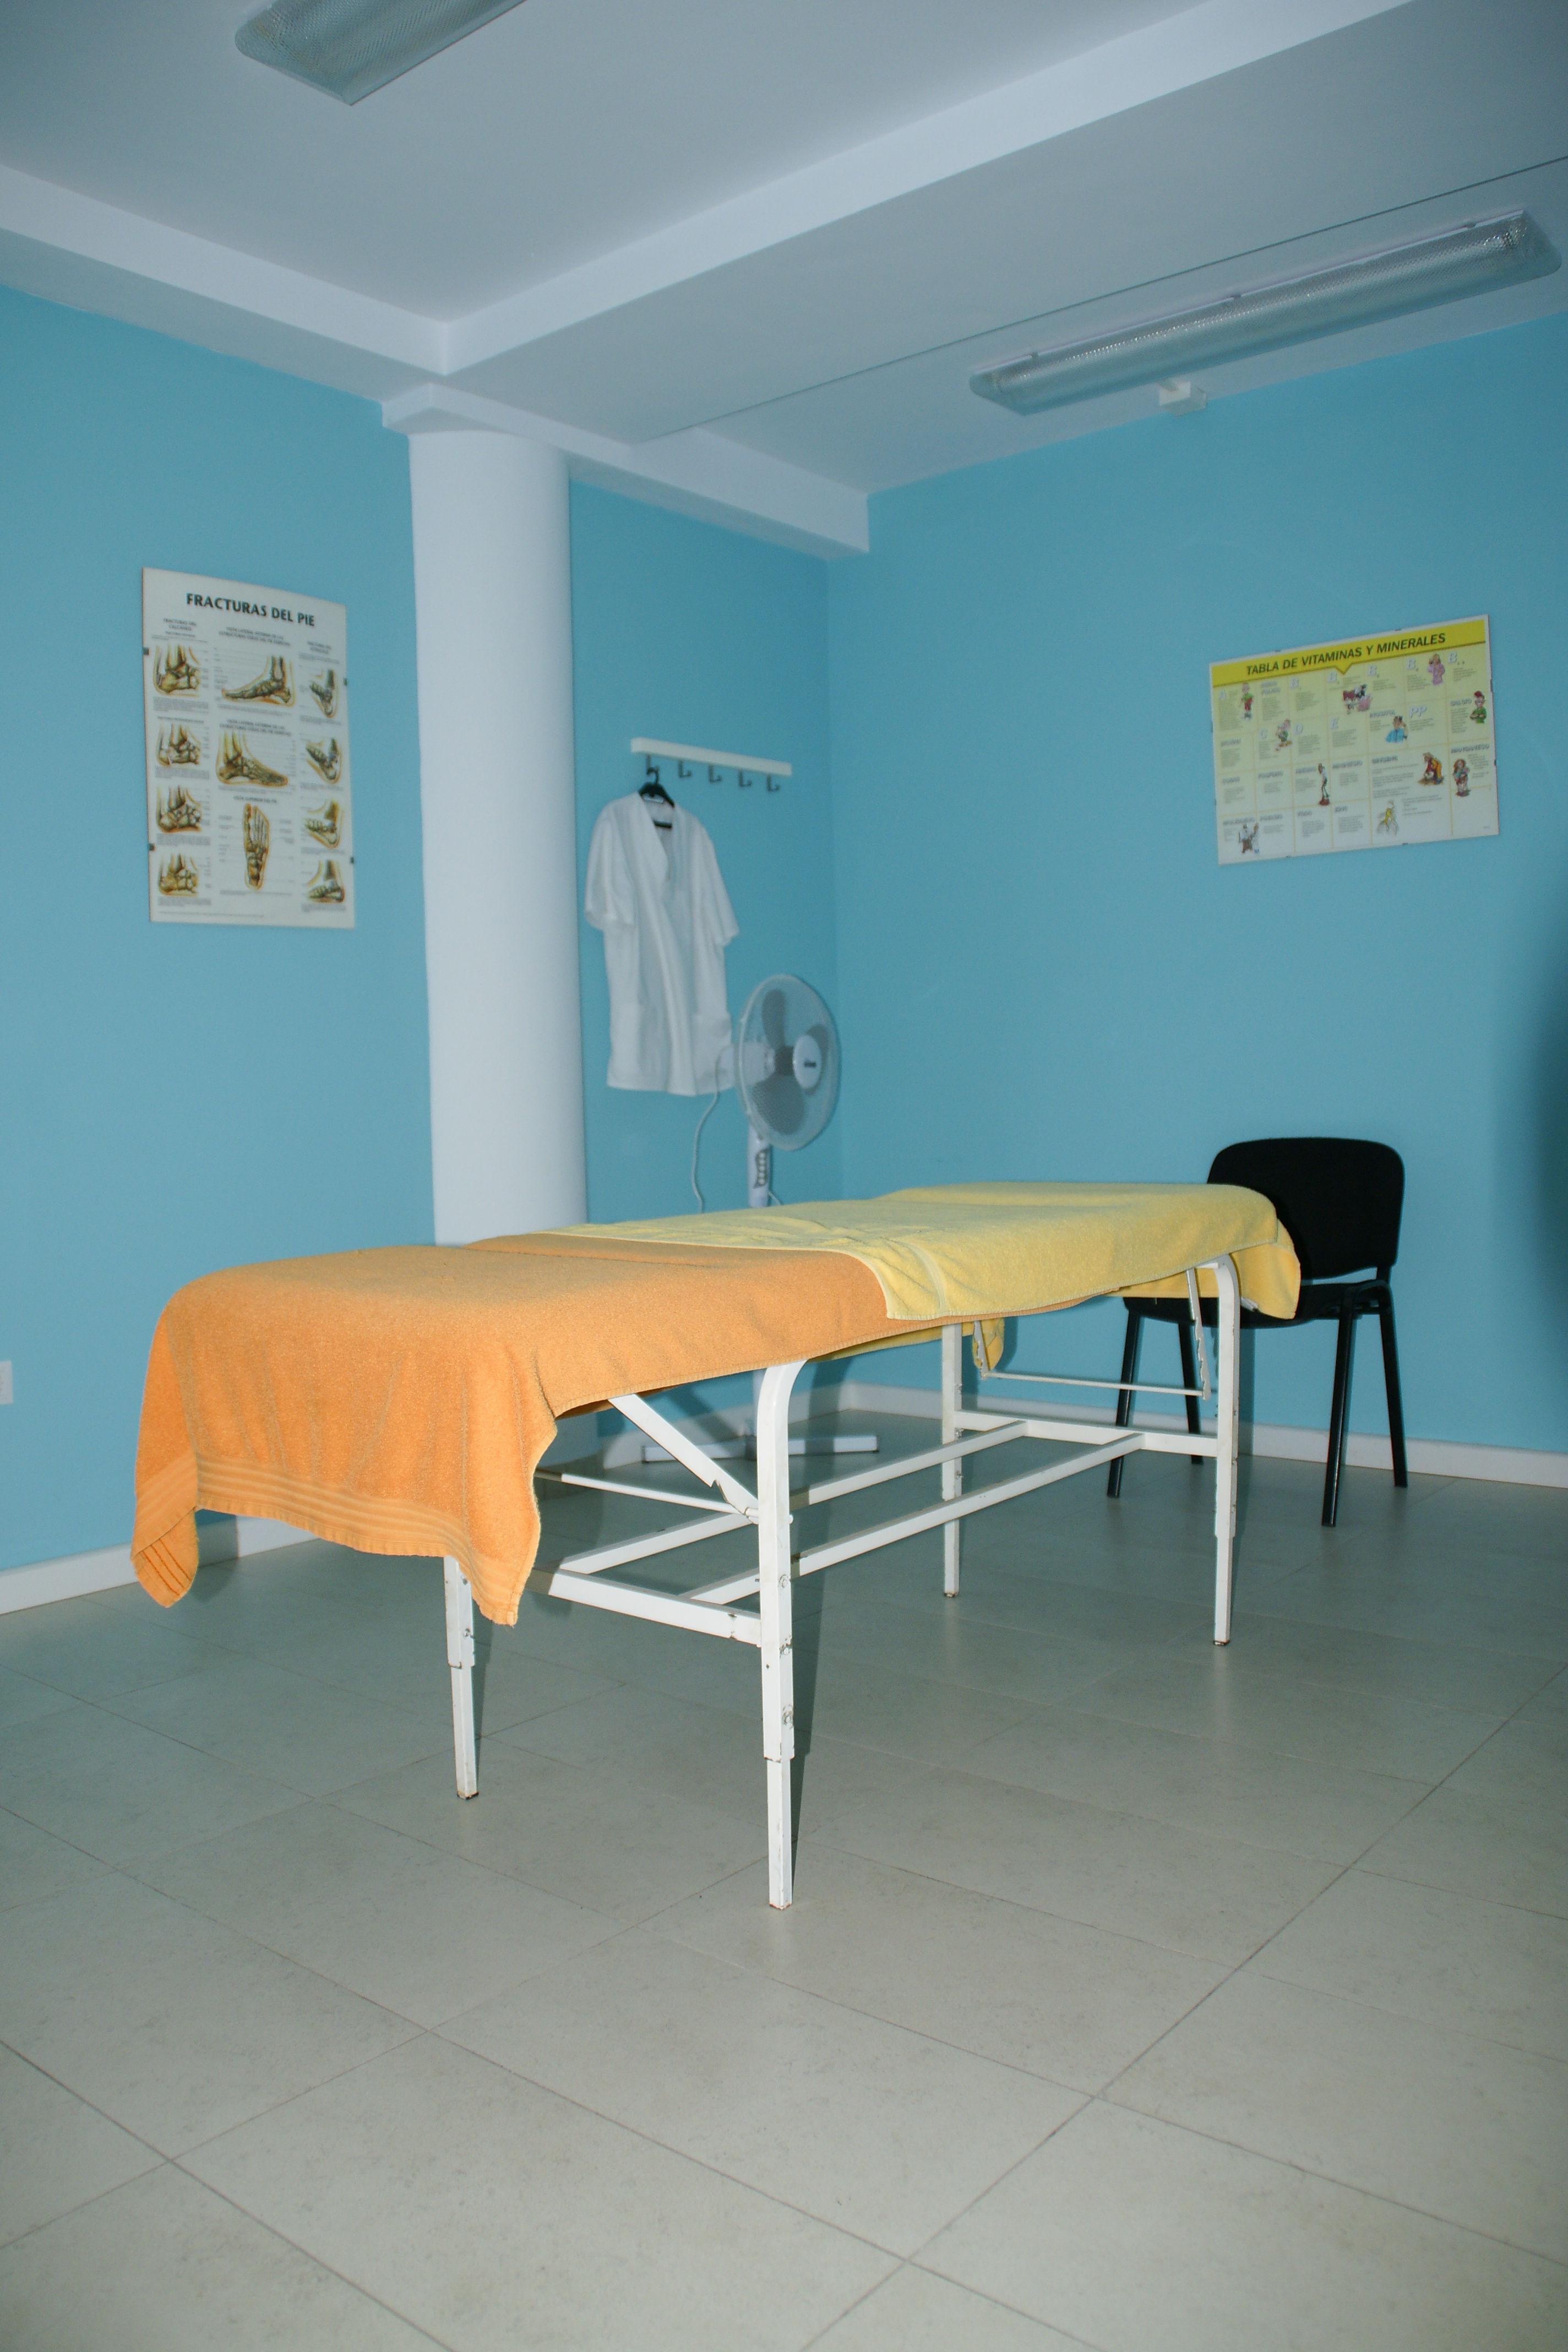 Foto 8 de Osteopatía en Arrecife | CEOST- Centro Parasanitario de Terapias Alternativas